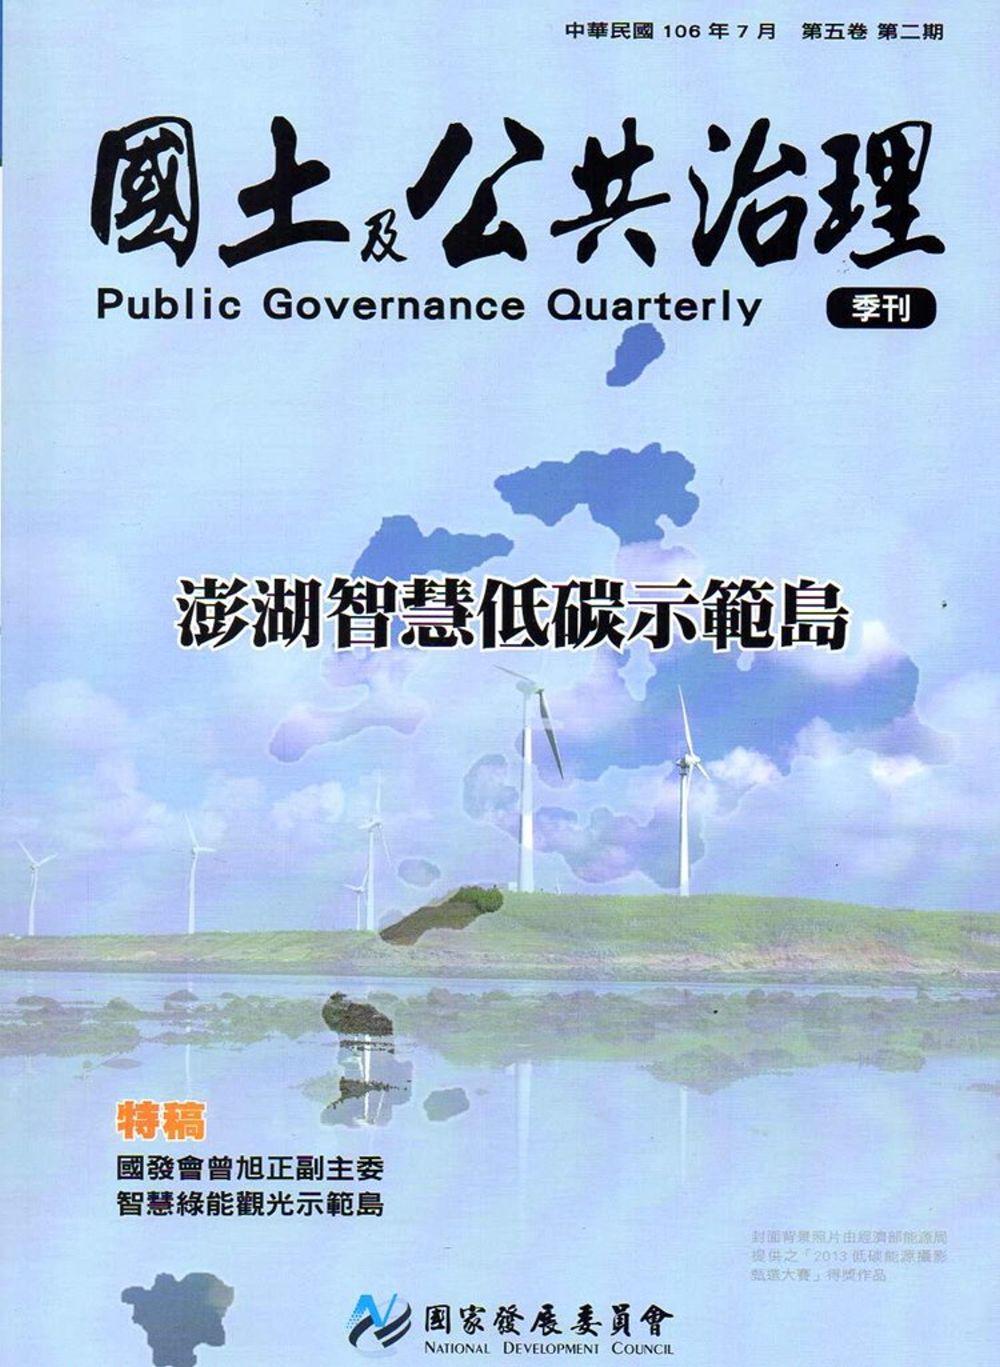 國土及公共治理季刊第5卷第2期(106.07)